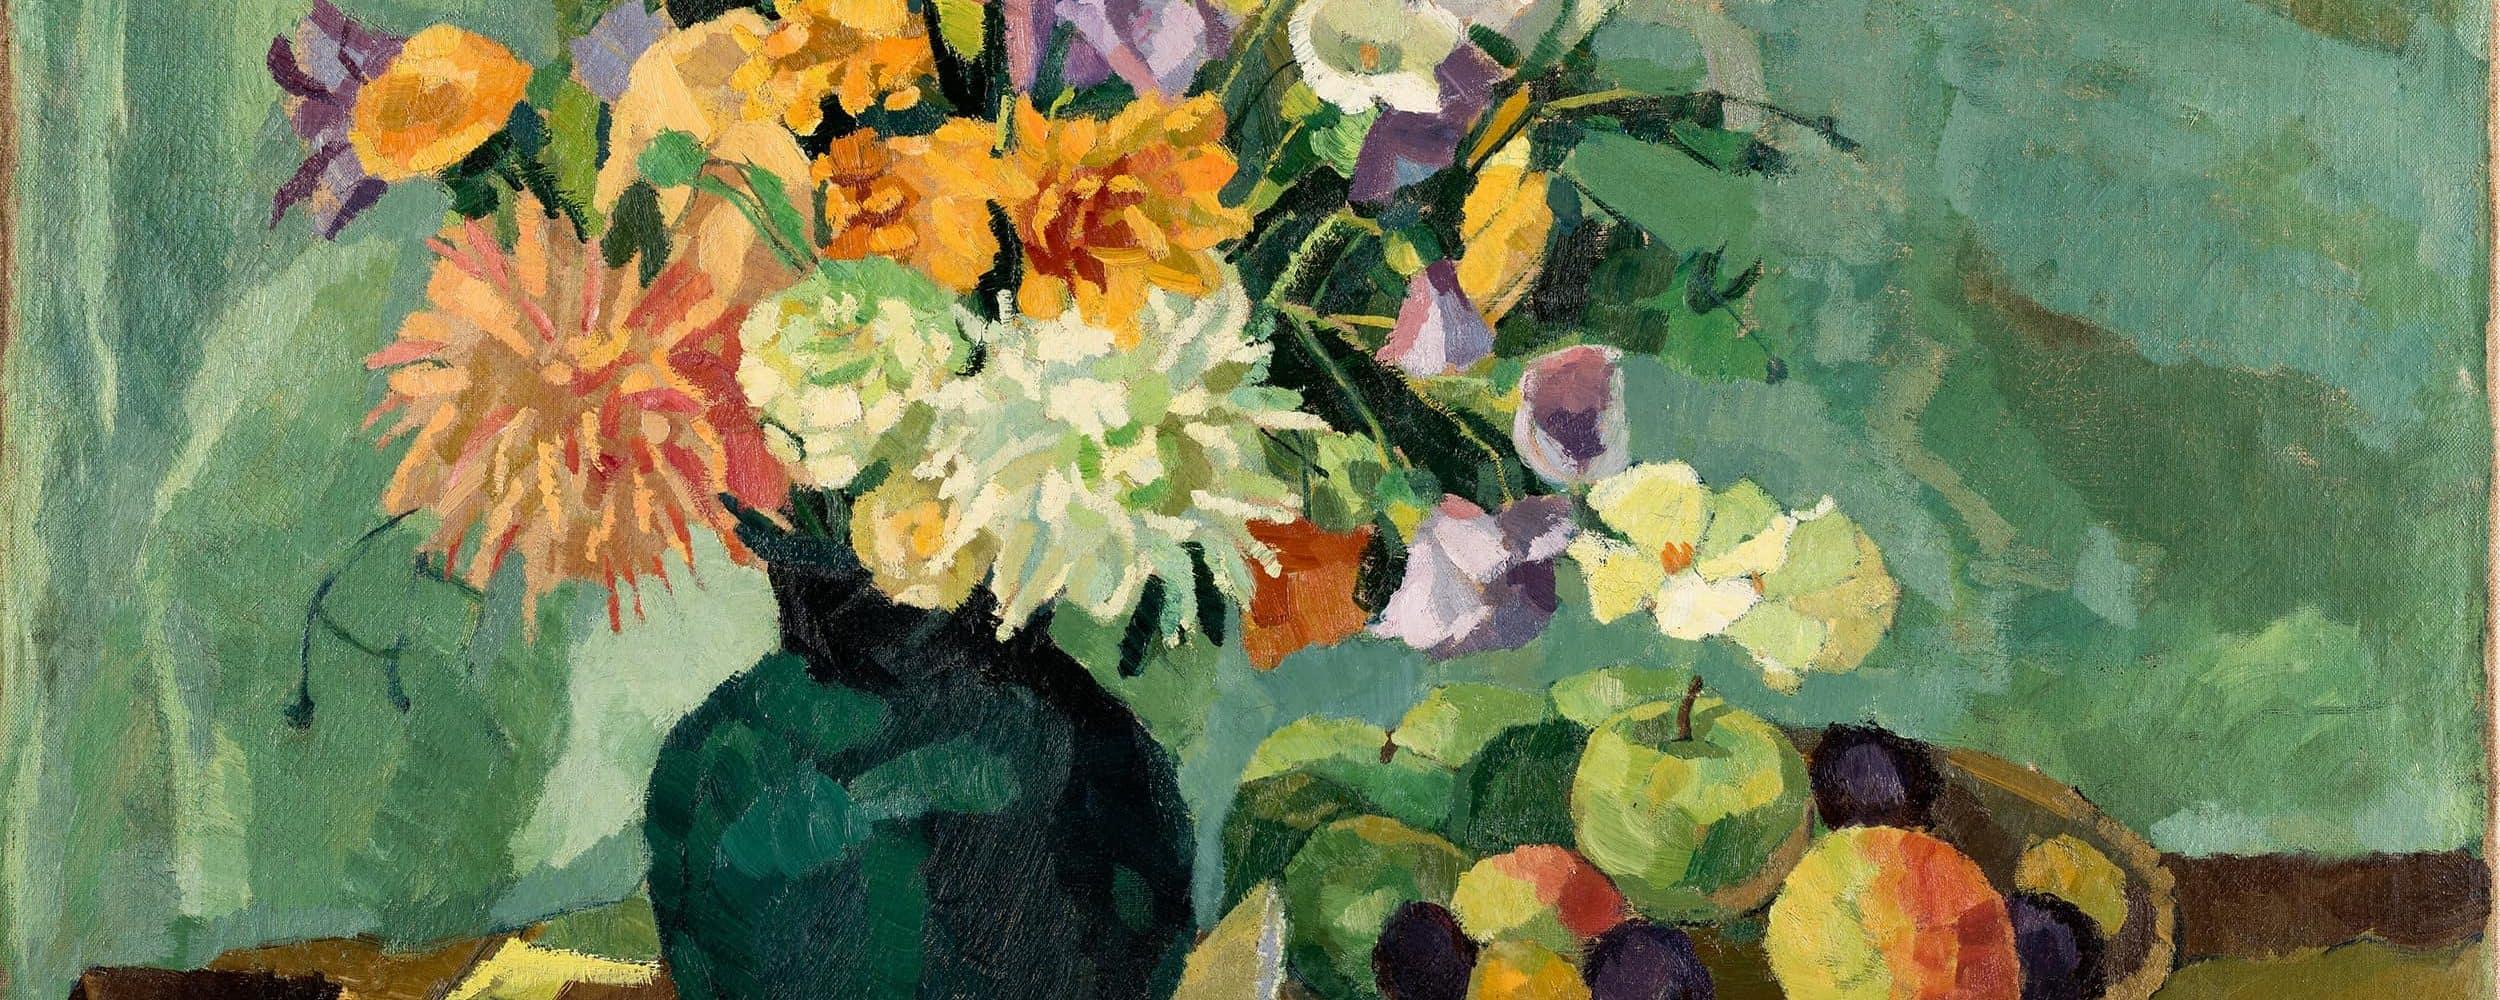 Blumenstillleben mit Obstschale | 1927